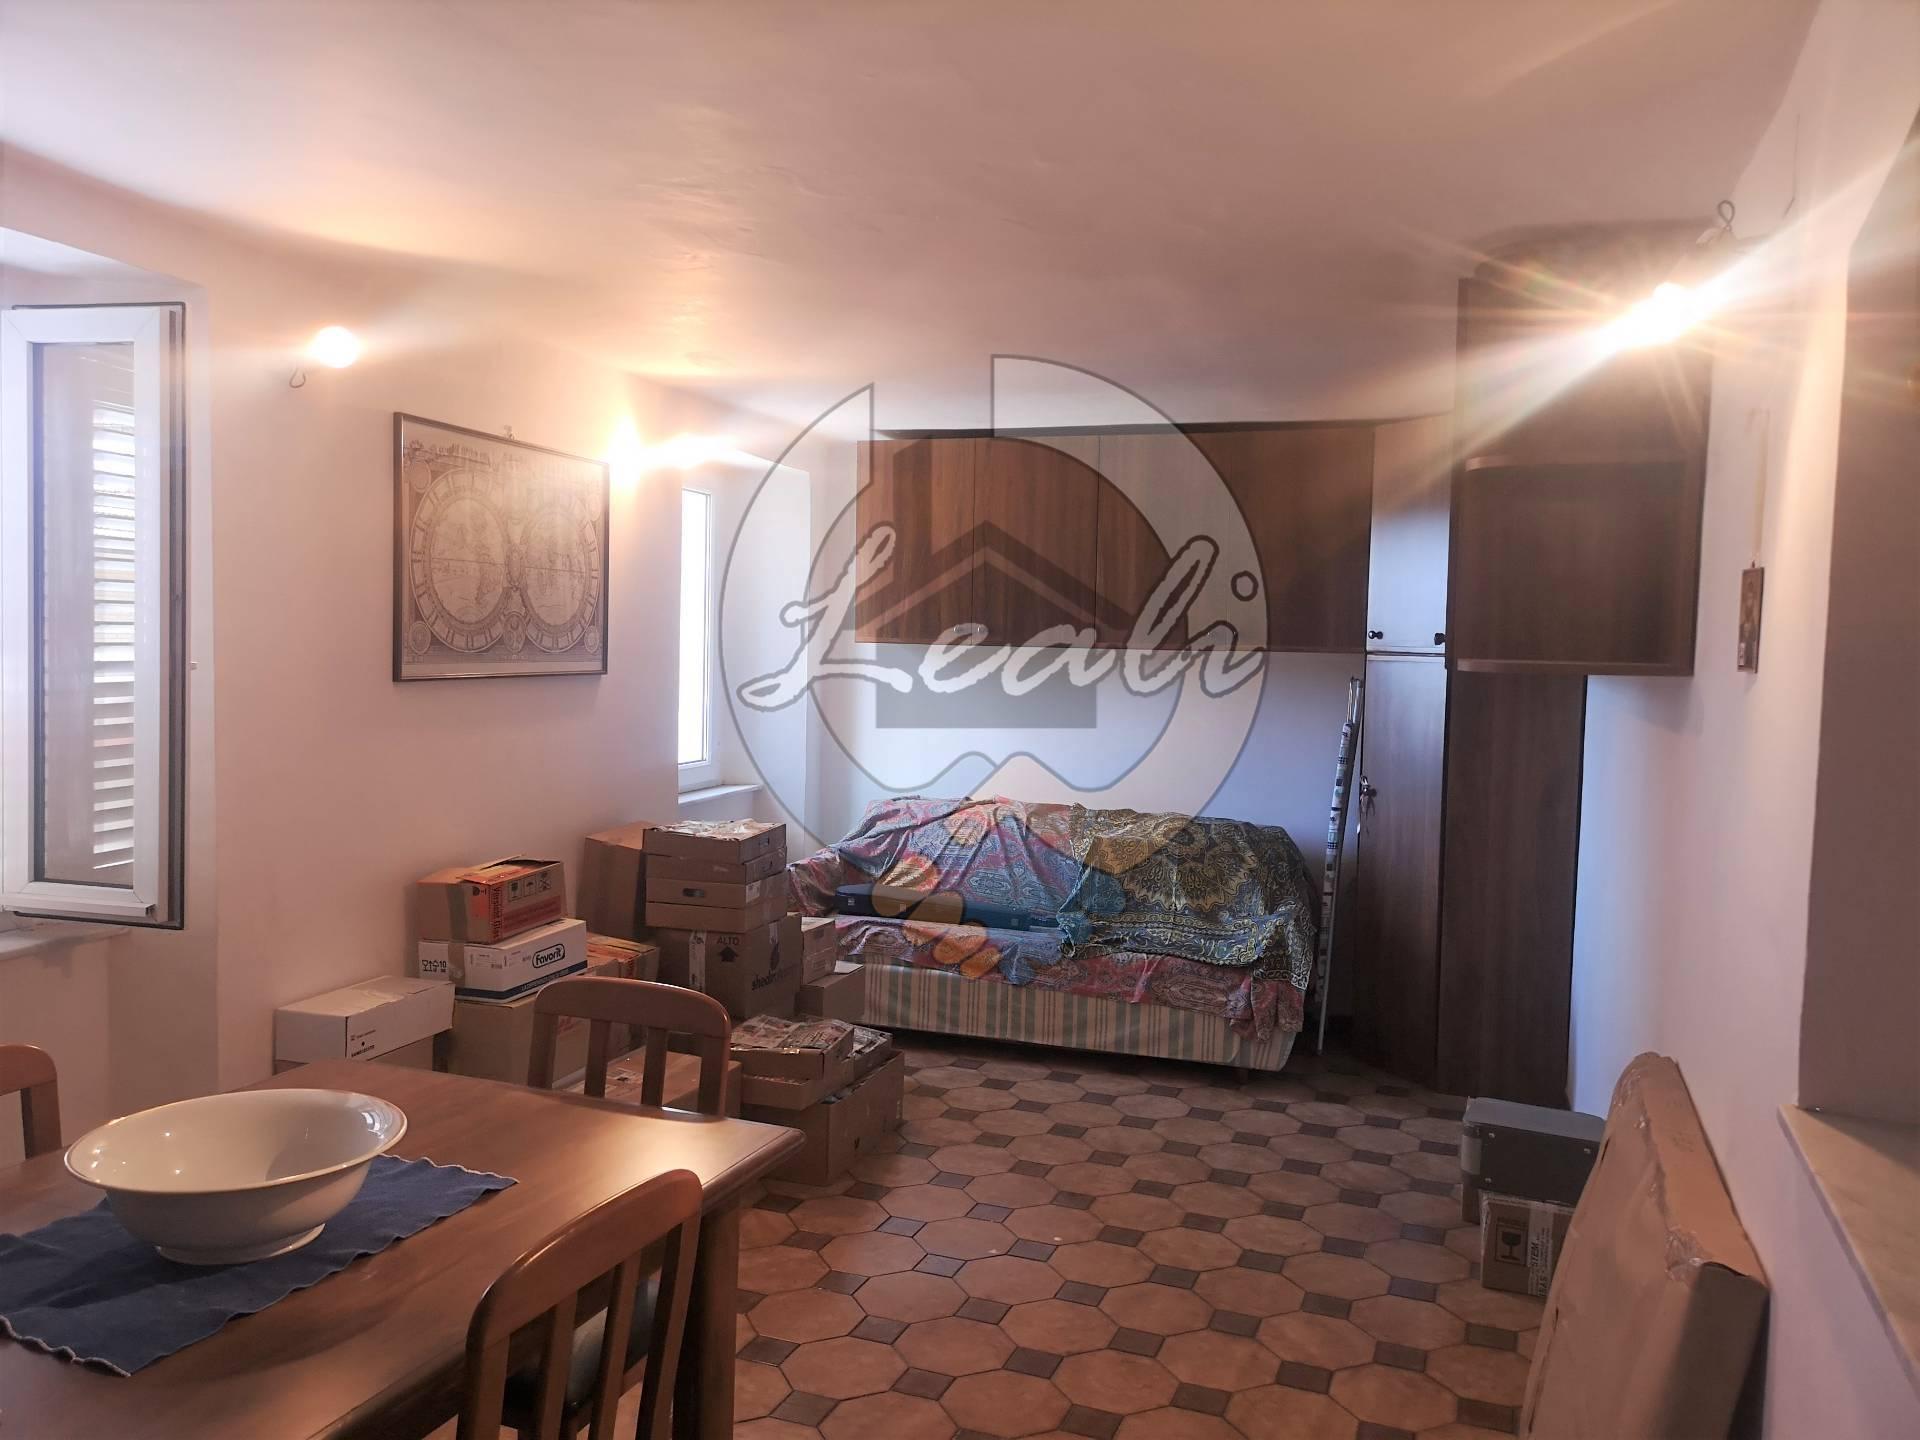 Appartamento in vendita a Falerone, 3 locali, prezzo € 19.500 | CambioCasa.it